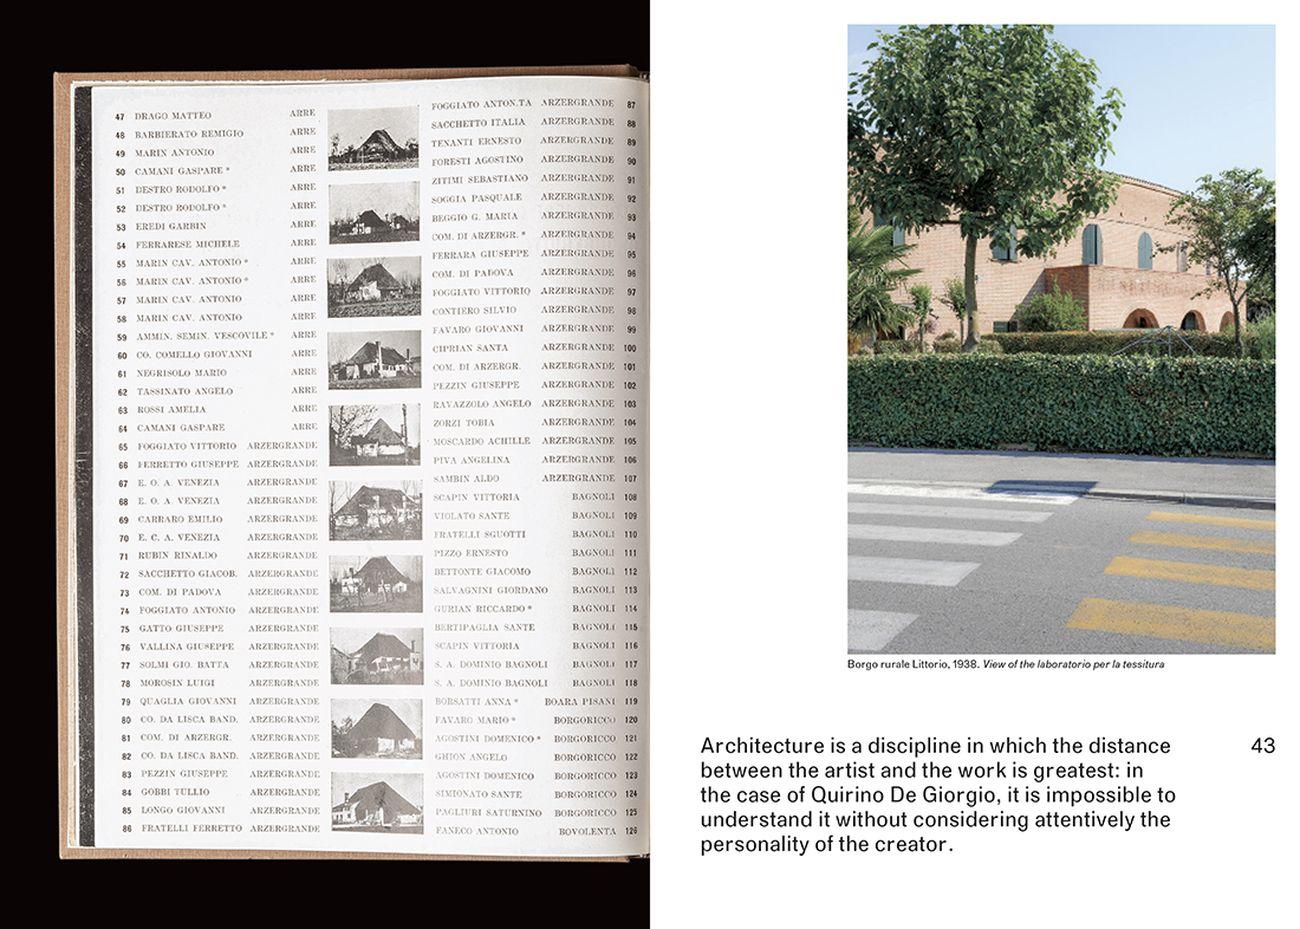 Michel Carlana, Luca Mezzalira, Curzio Pentimalli – Quirino De Giorgio. An Architect's Legacy (Park Books, Zurigo 2019)